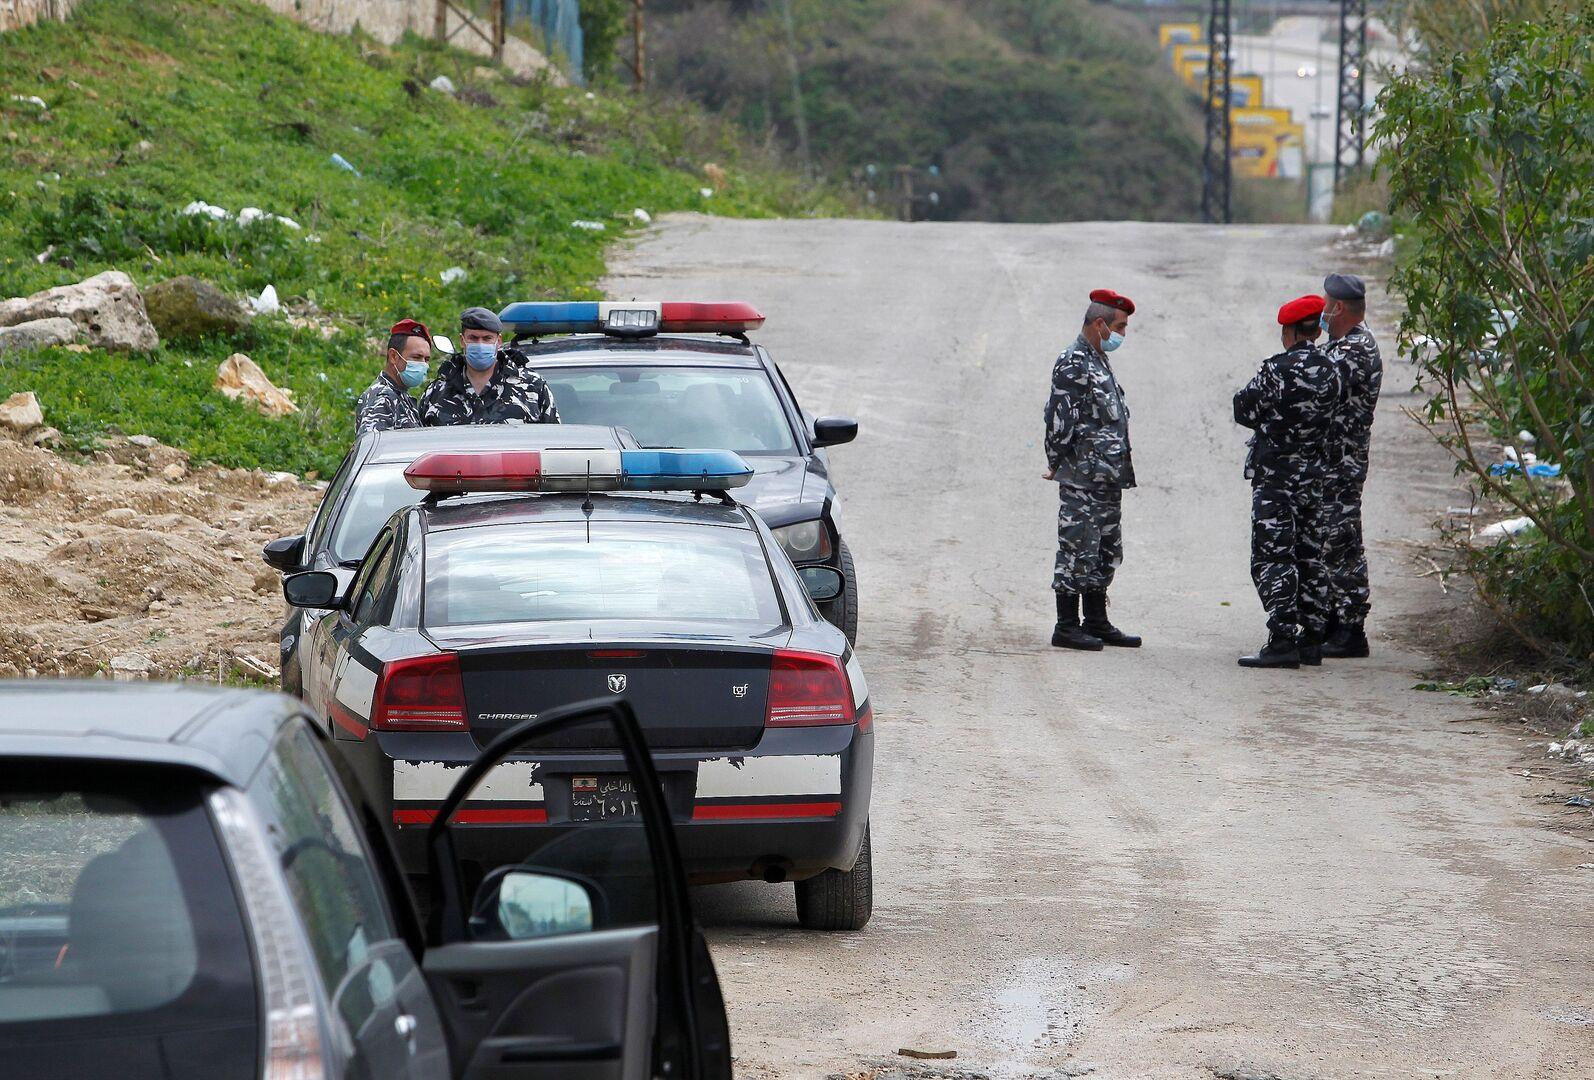 واشنطنتدين اغتيال لقمان سليم وتدعو السلطات اللبنانية لمحاسبة المسؤولين